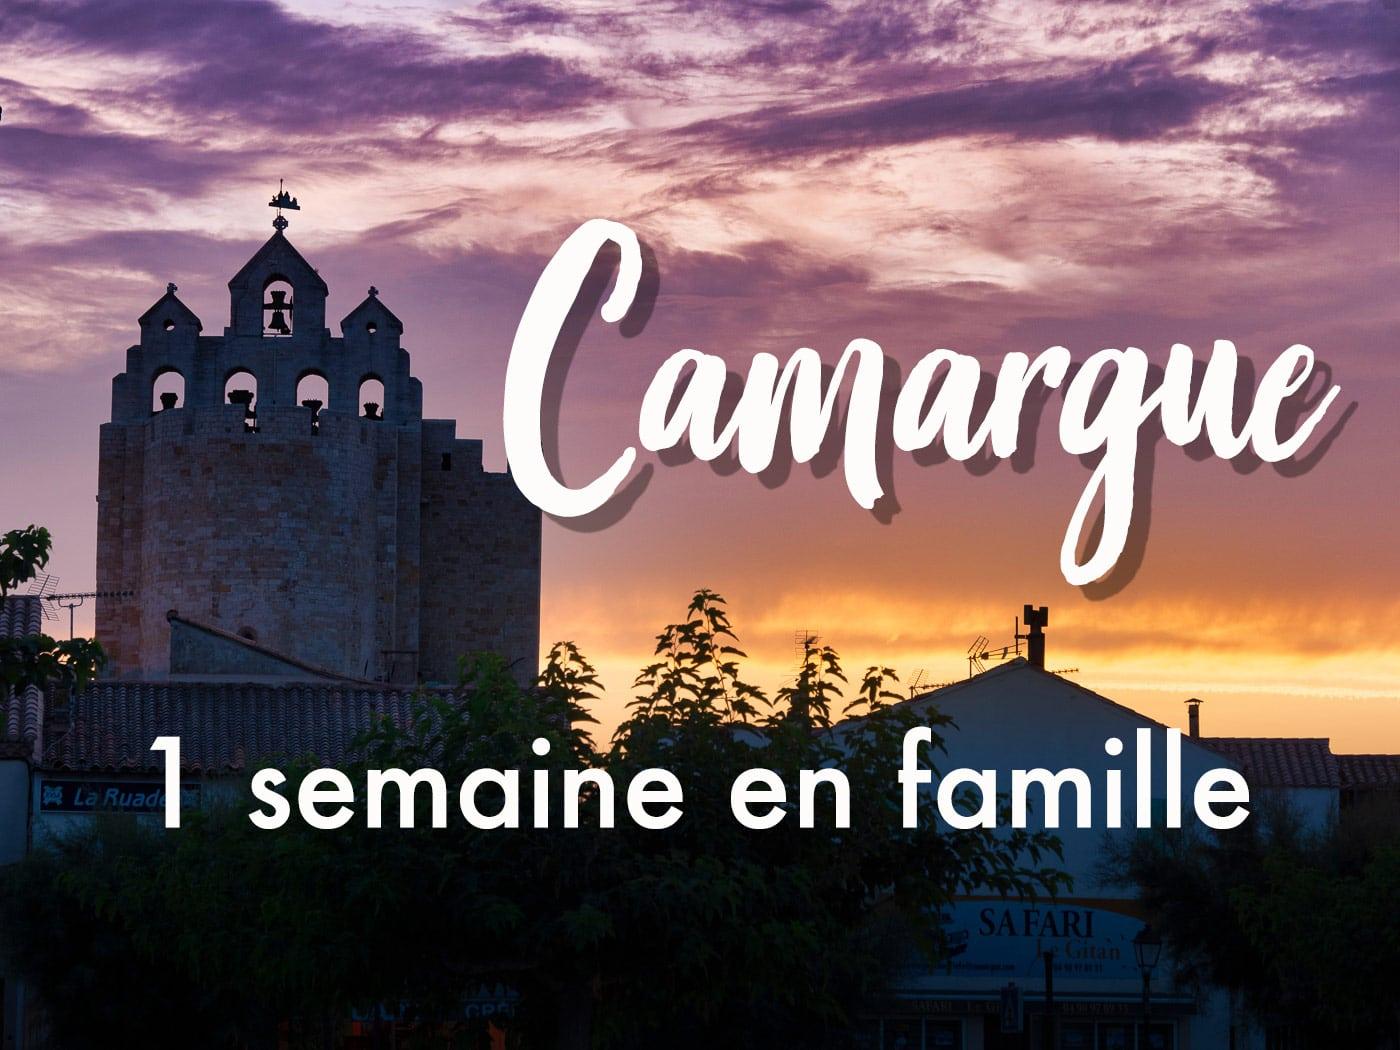 La Camargueen famille : programme vacances 1 semaine